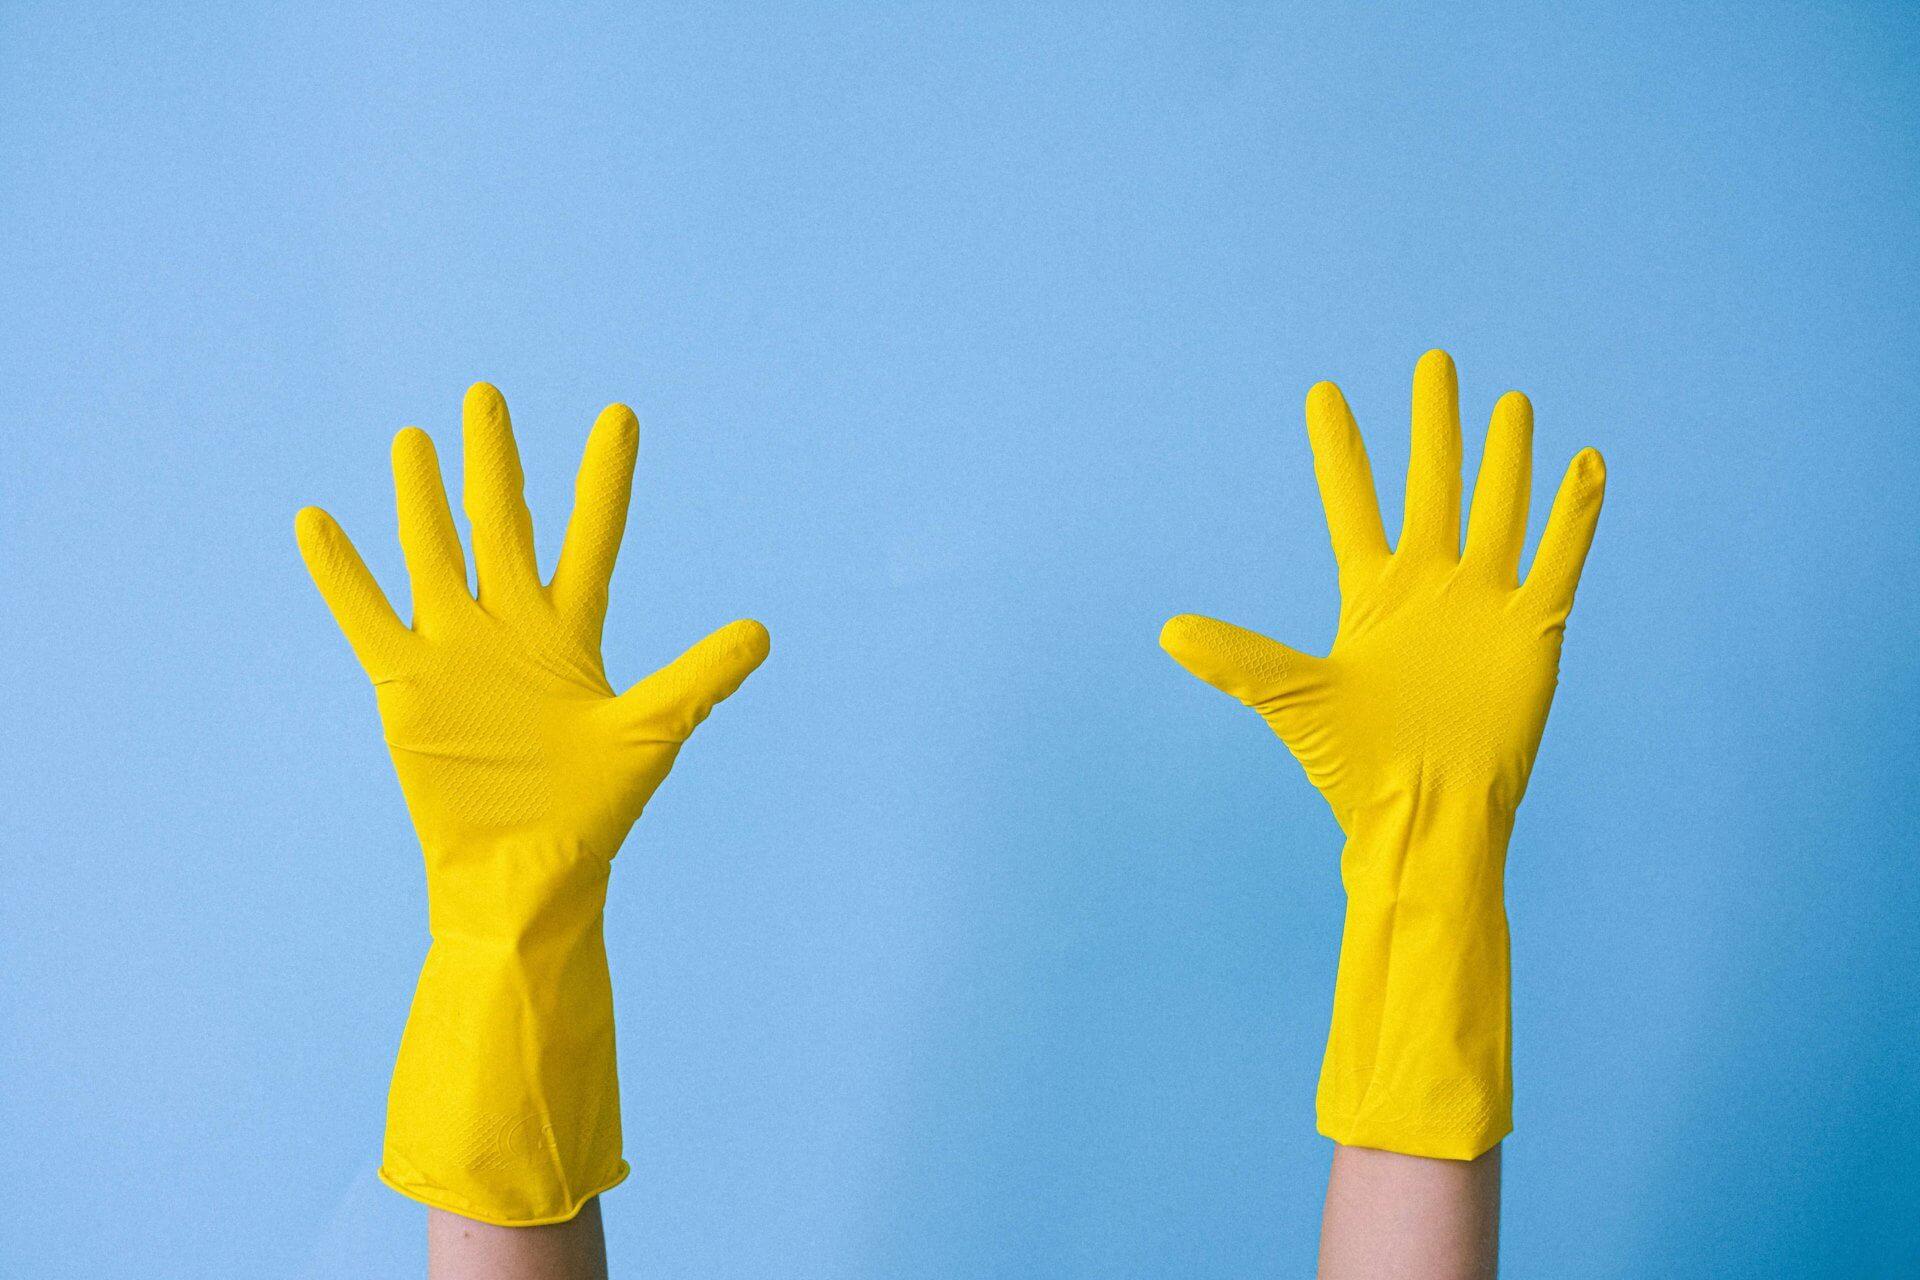 Pflegepersonal mit Schutzhandschuhen | Quelle: Anna Shvets - Pexels